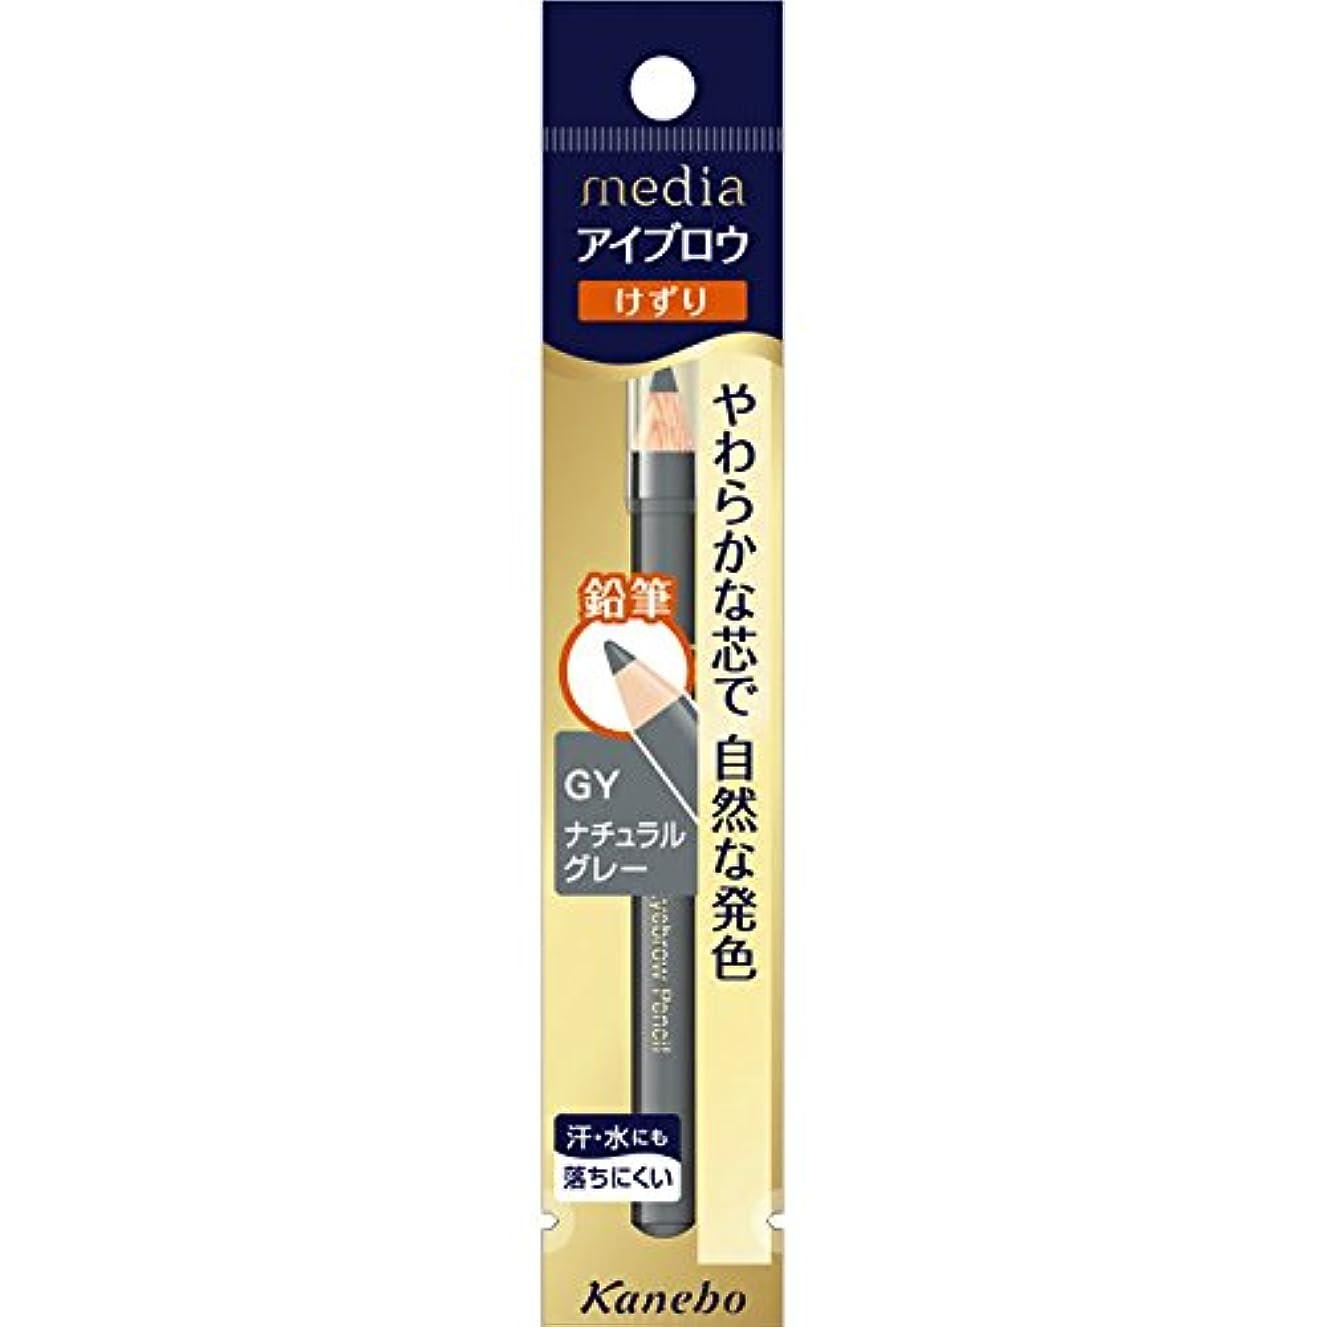 直接臭い前投薬【カネボウ】 メディア アイブロウペンシルA (削り) GY